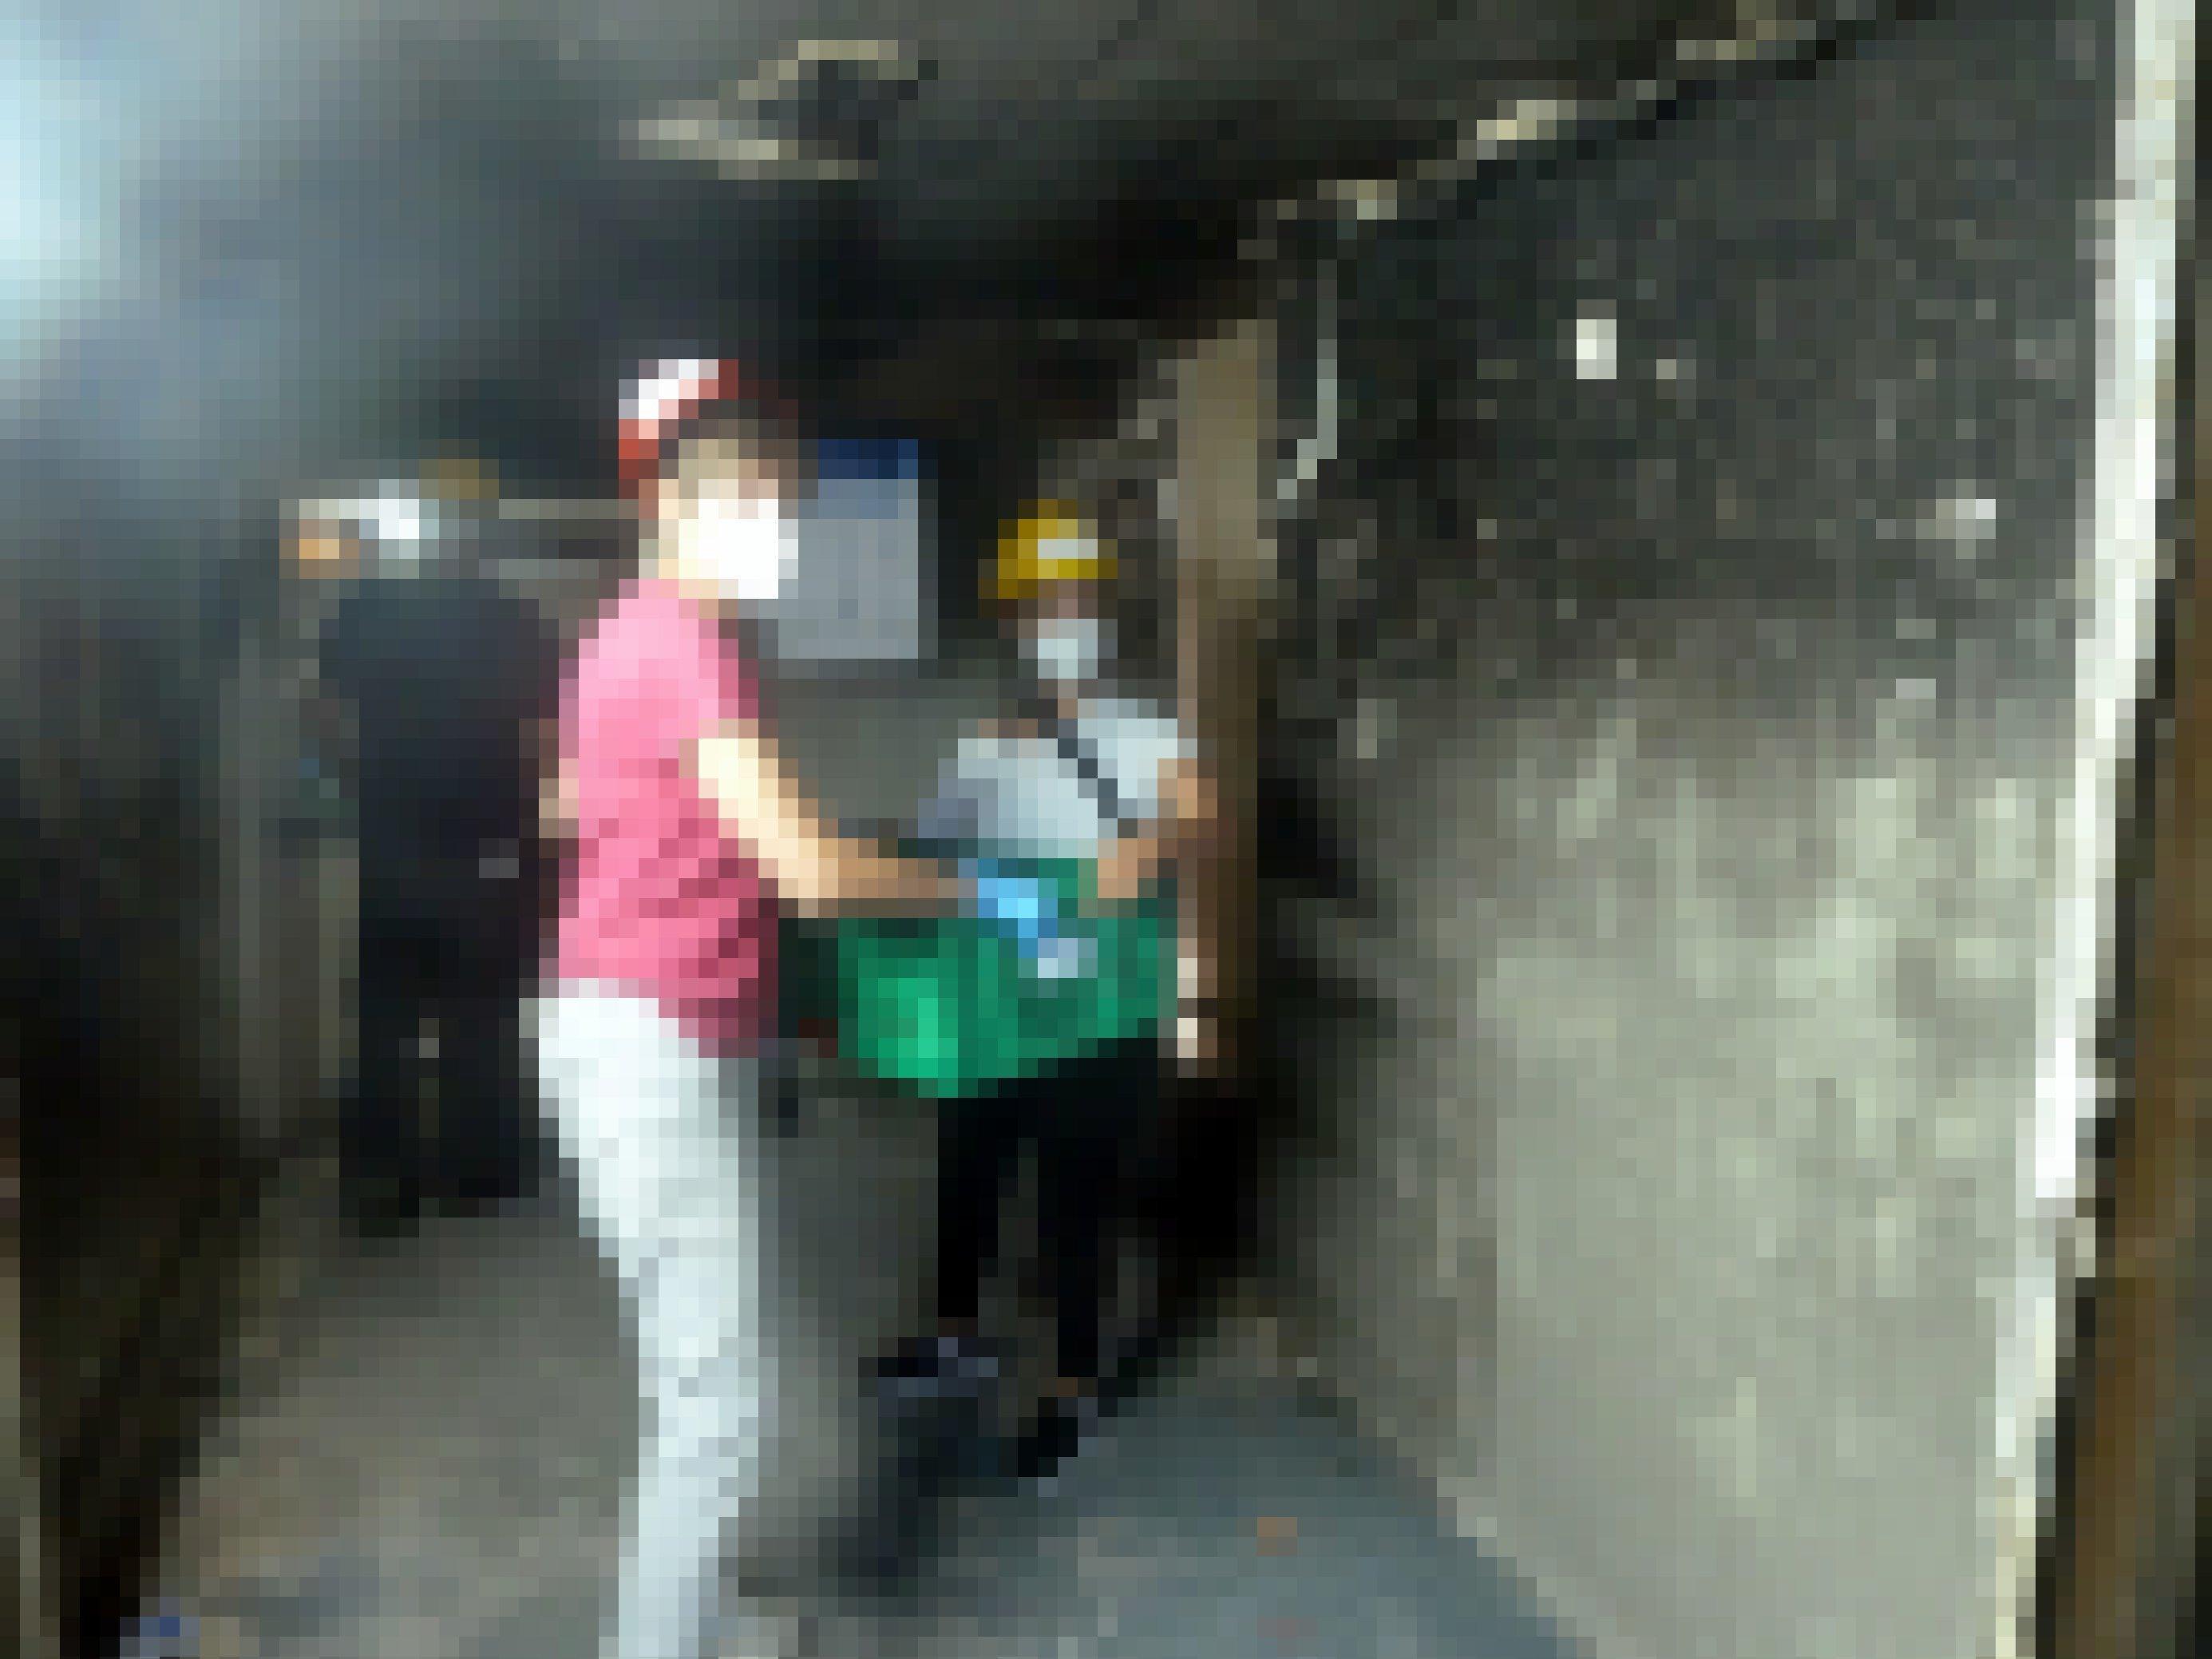 Eine Frau reicht einer anderen eine Kiste mit Archivmaterial, die Wände sind vom Feuer verrusst